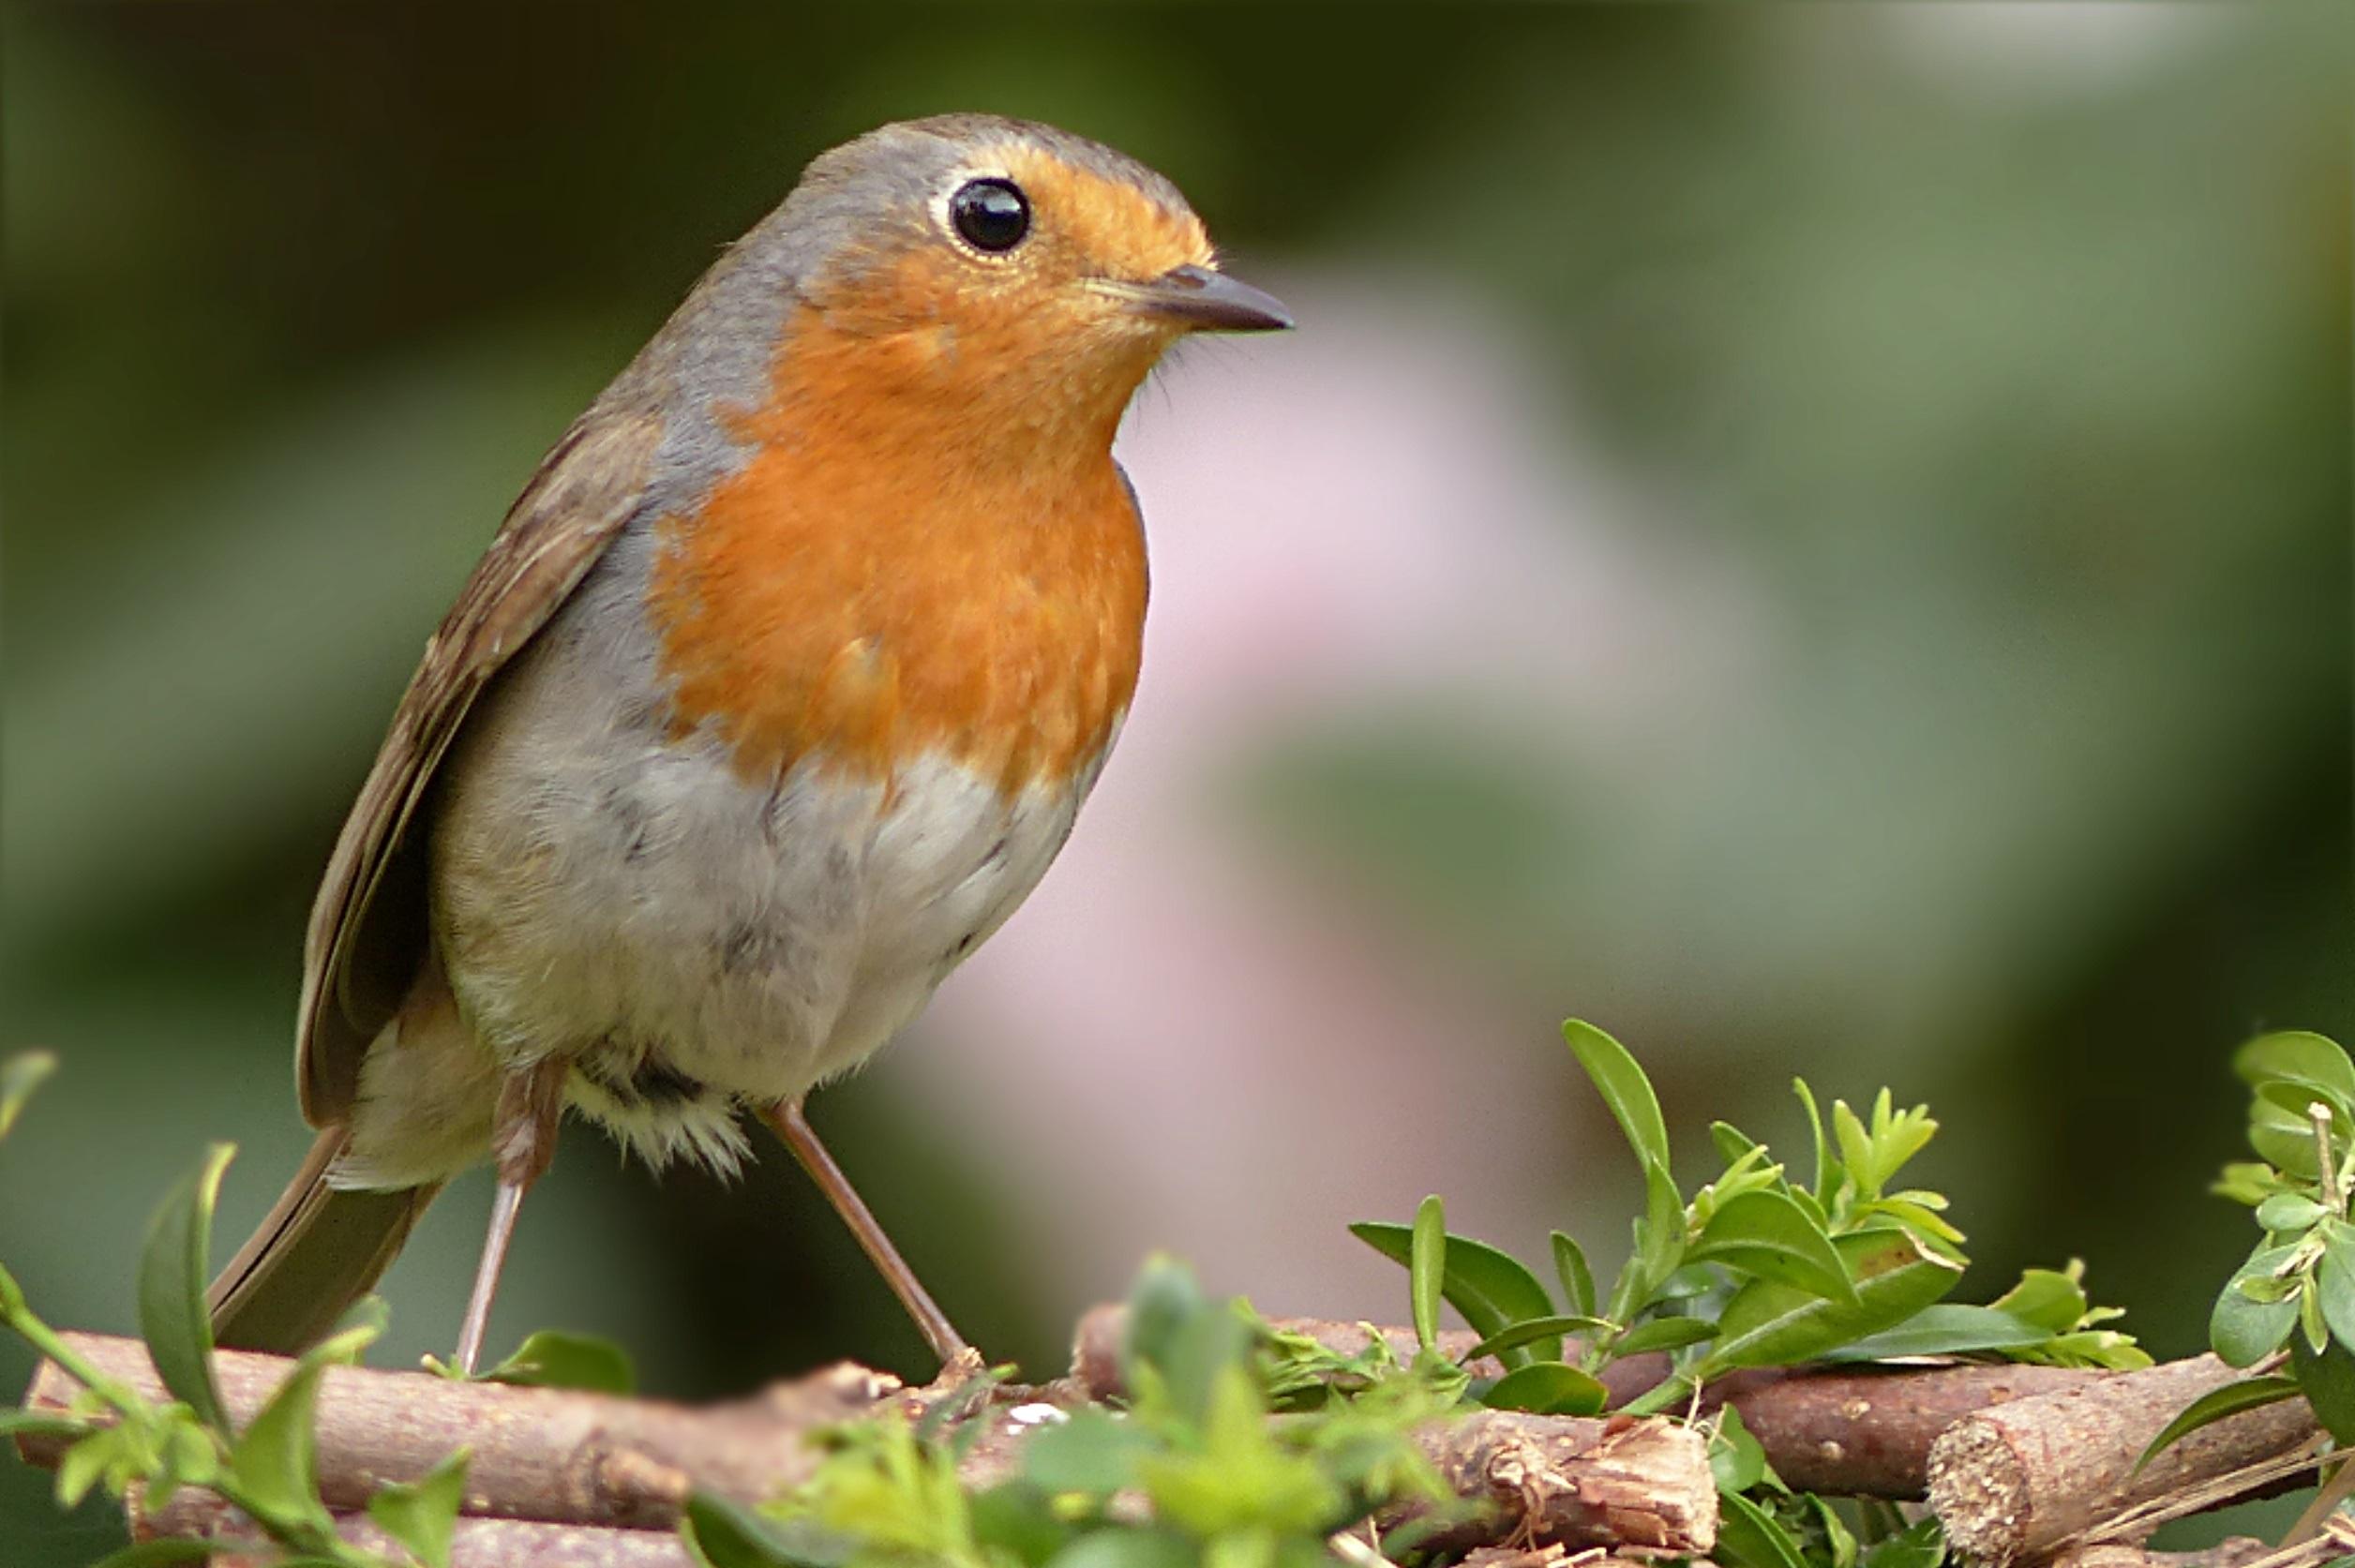 если хотите дикие птицы маленьких размеров далеко первый случай